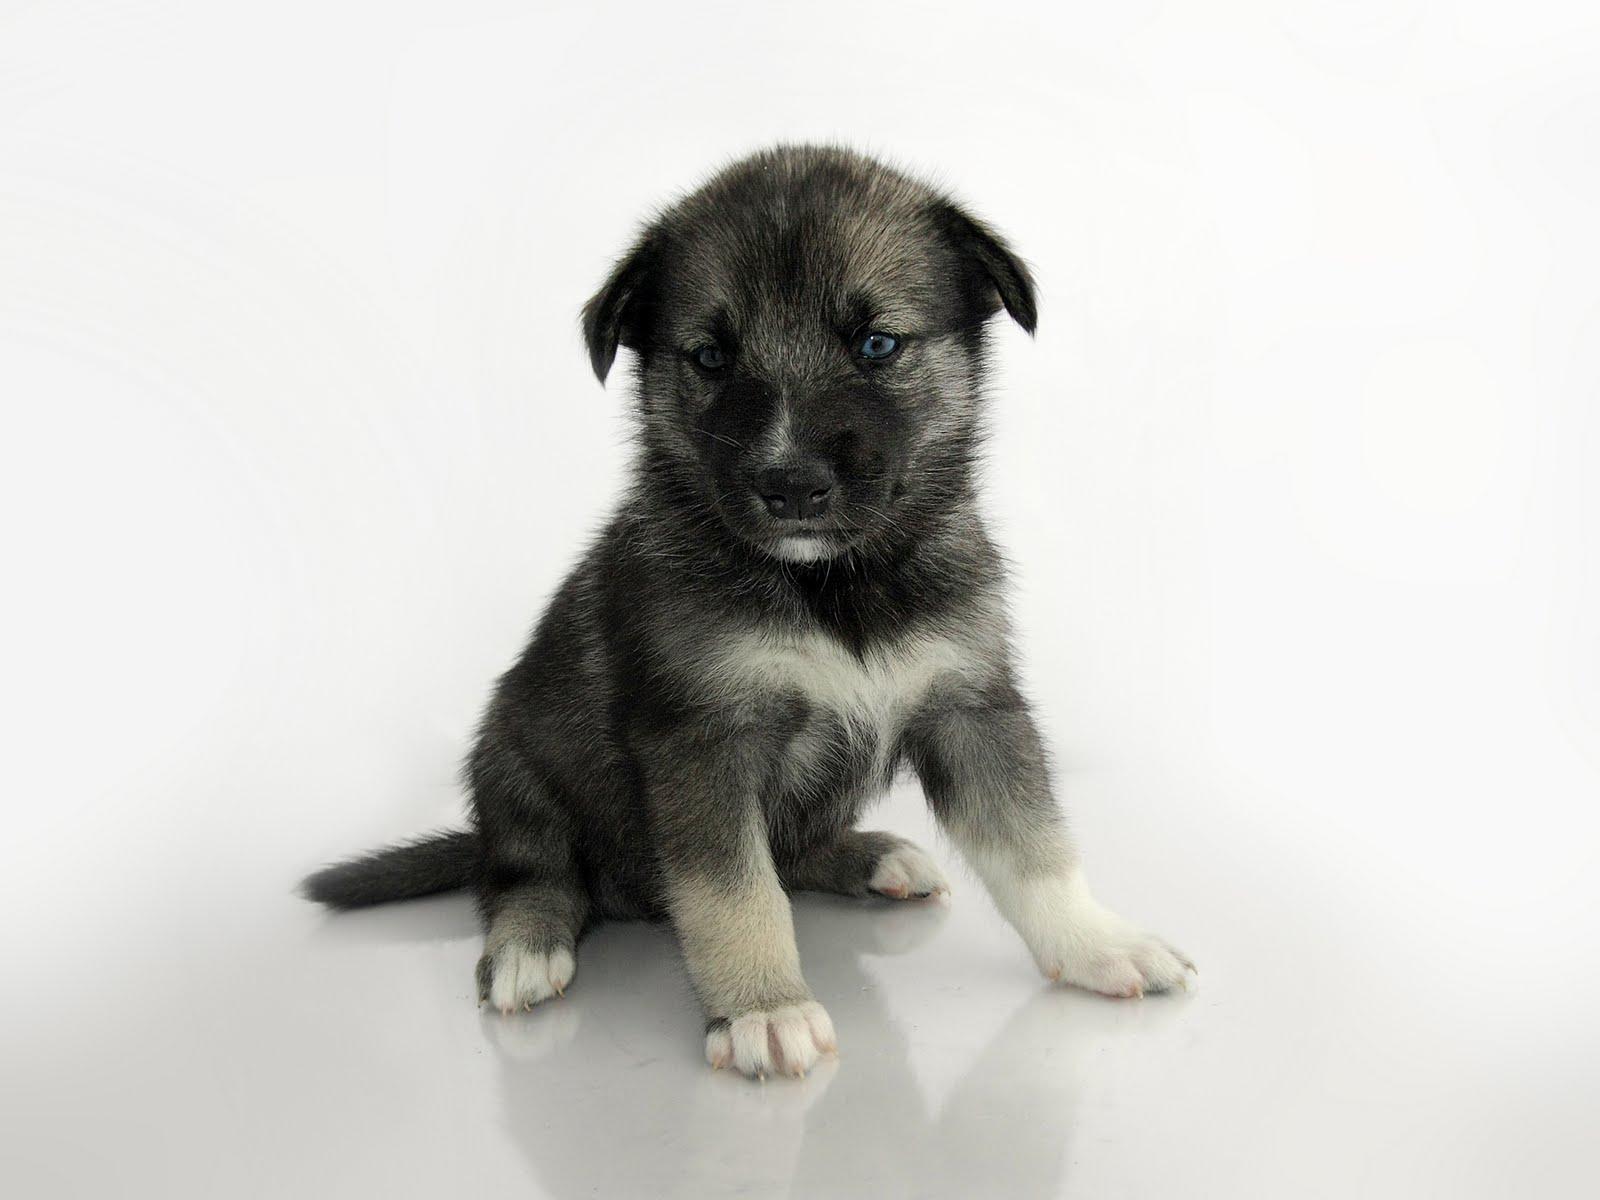 http://2.bp.blogspot.com/_UjJgEwVlPQs/Sxgs7O9OcdI/AAAAAAAADio/KZ_Ppc23IXg/s1600/Keeshond_Sibirian_Husky_crossbreed_puppy.jpg